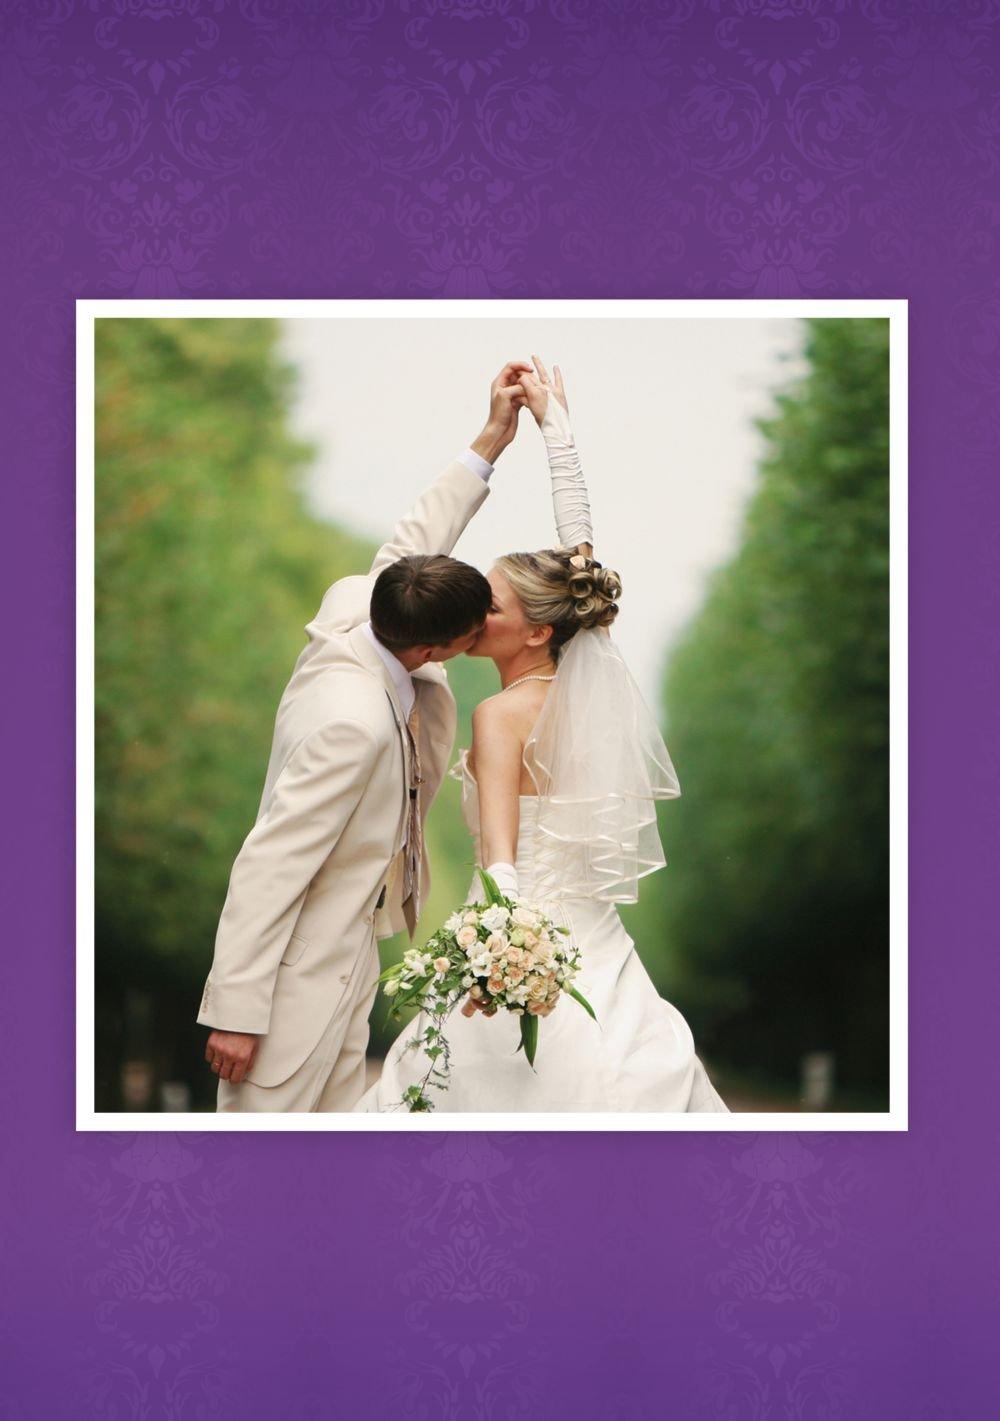 Kartenparadies Danksagung für Hochzeitsgeschenke Hochzeit Danke Danke Danke Eheversprechen, hochwertige Danksagungskarte Hochzeitsglückwünsche inklusive Umschläge   20 Karten - (Format  105x148 mm) Farbe  Orange B01N13HN5S   Hohe Qualität und güns 8992bb